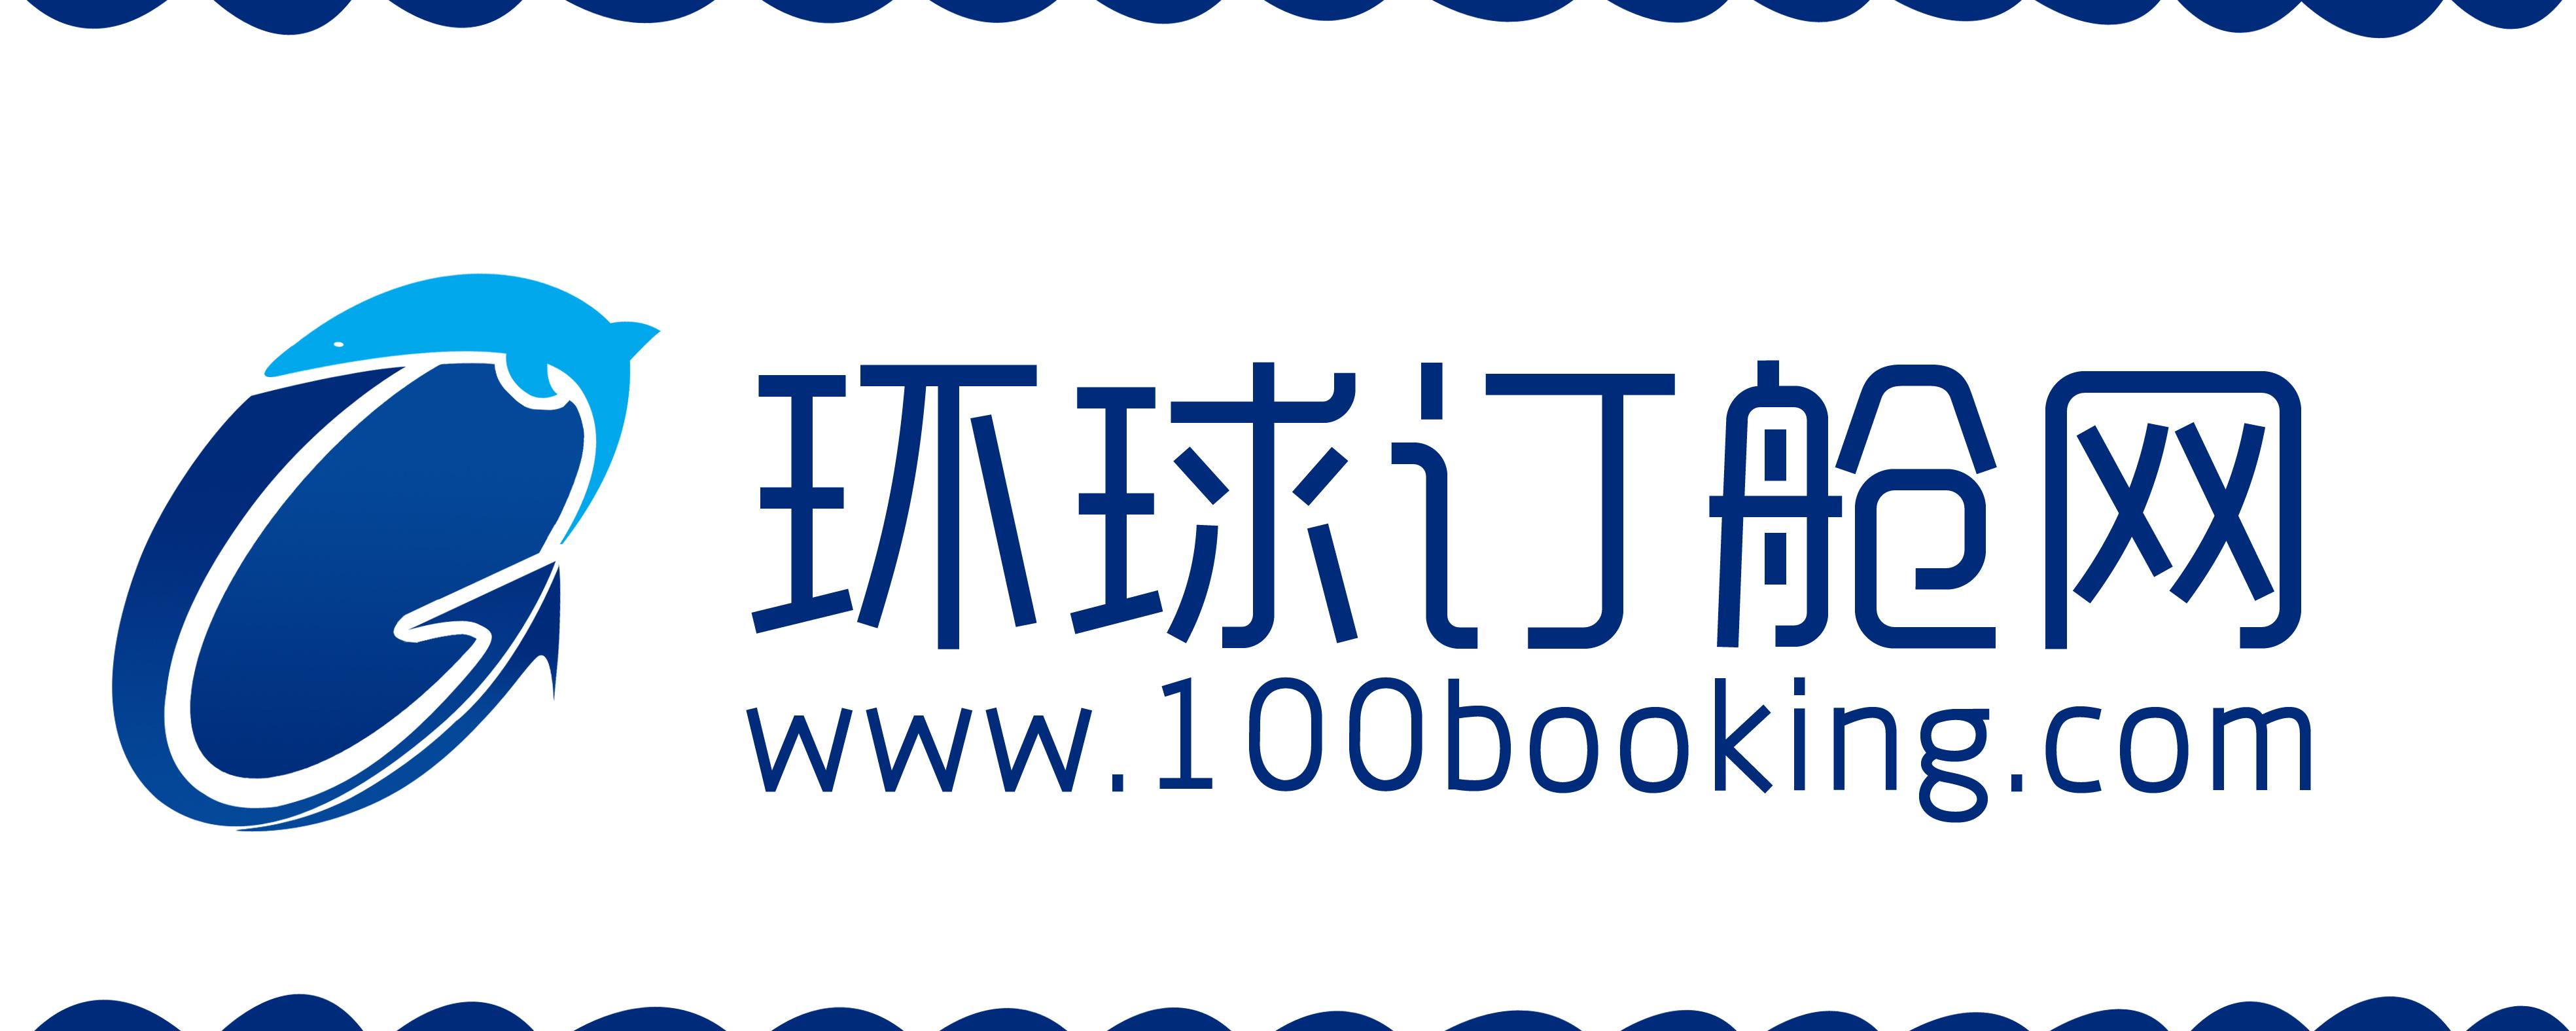 logo logo 标志 设计 矢量 矢量图 素材 图标 3937_1575